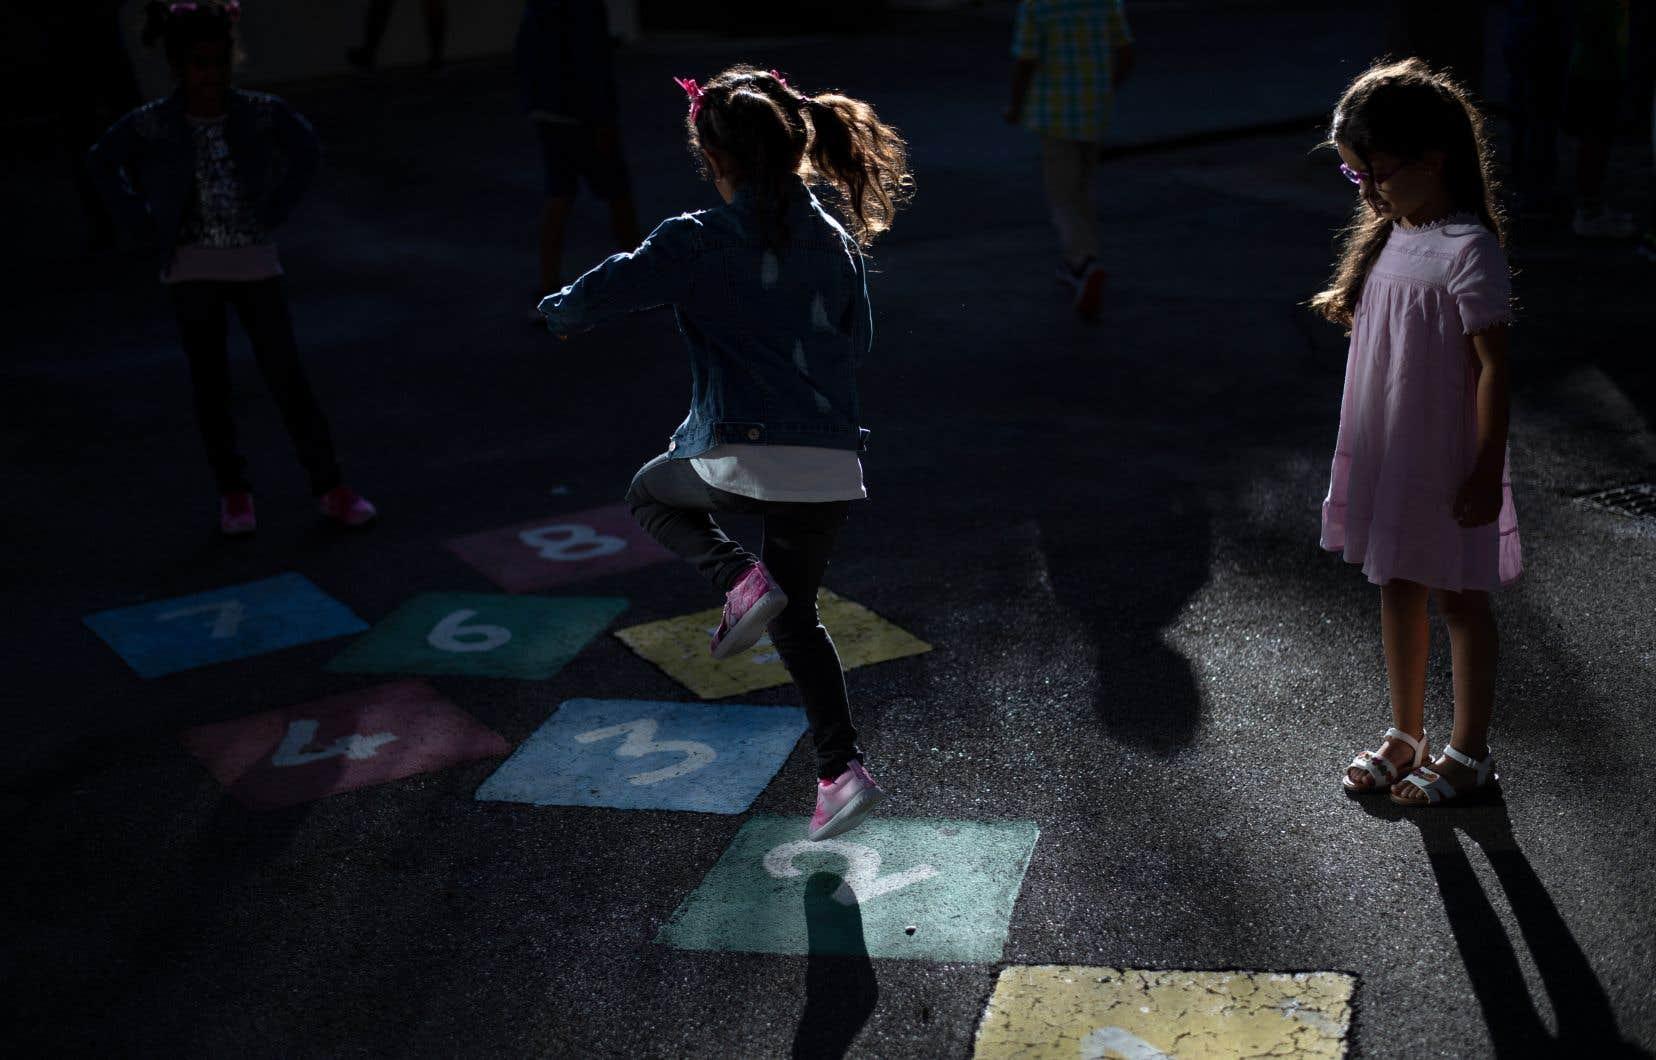 La CAQ a fait la promesse en campagne électorale d'offrir un accès à la maternelle dans les écoles du Québec à tous les enfants de 4ans, à partir de l'année scolaire 2023-2024.